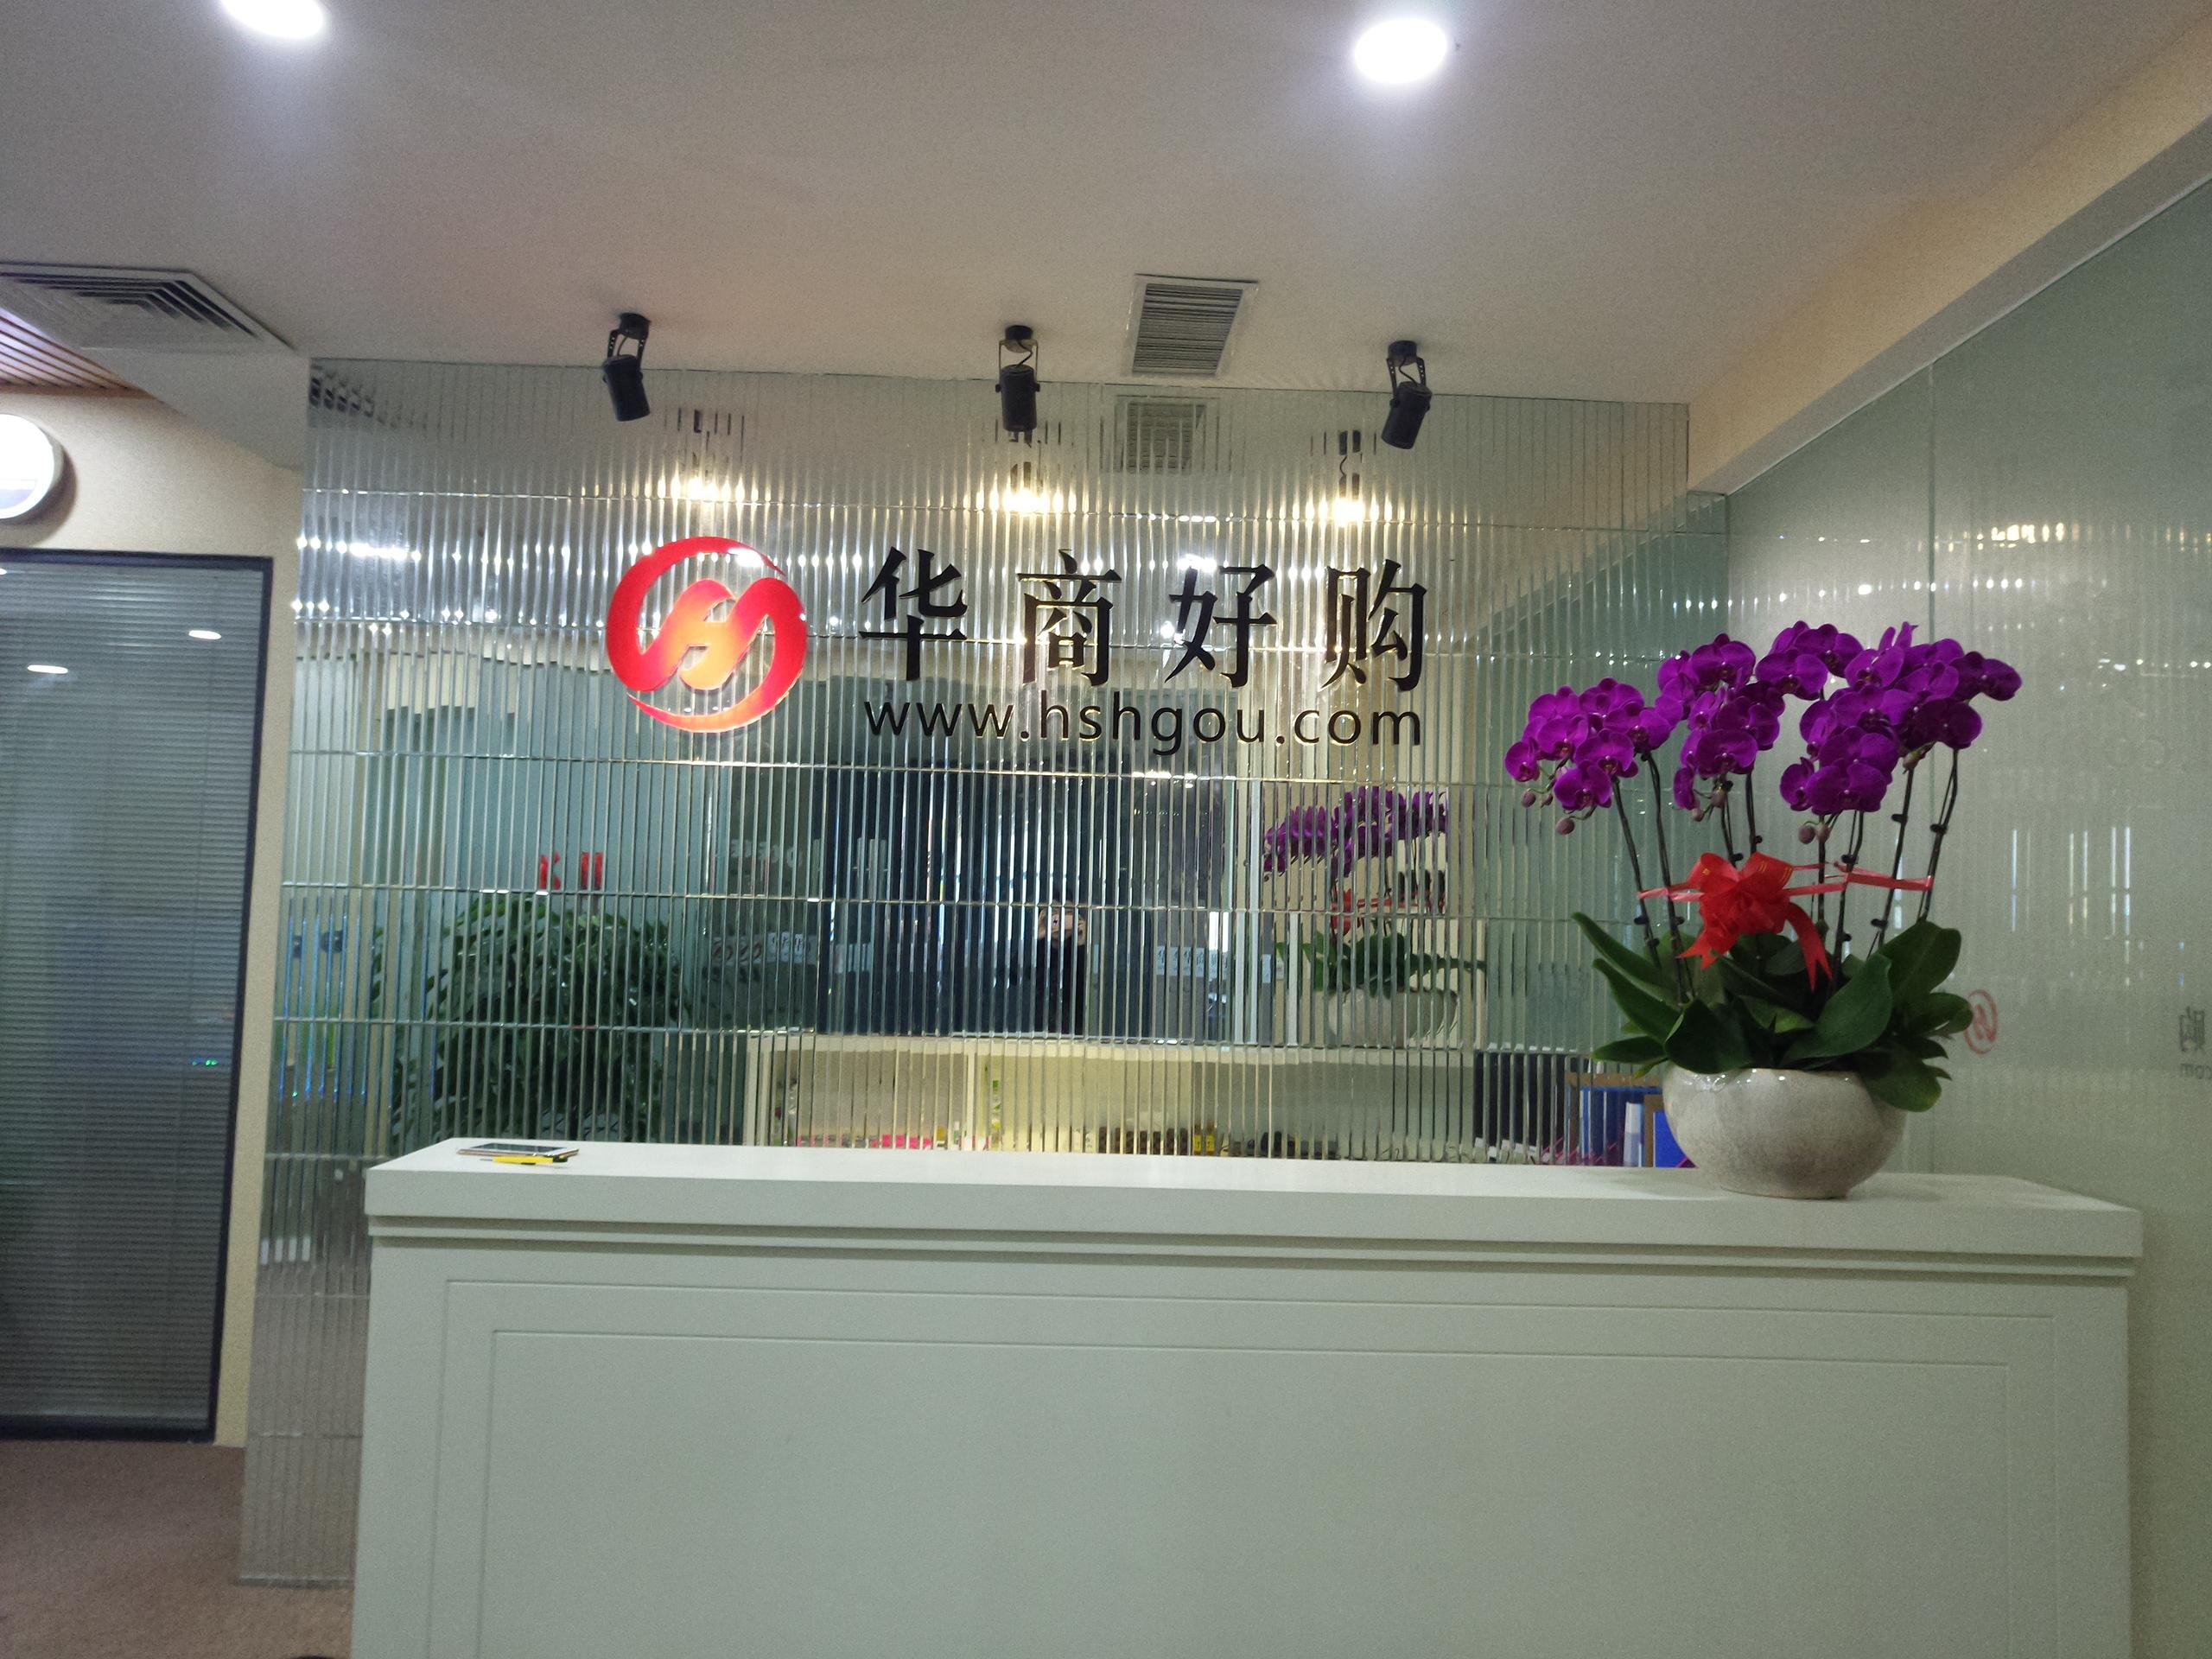 河南凌玺电子商务有限公司